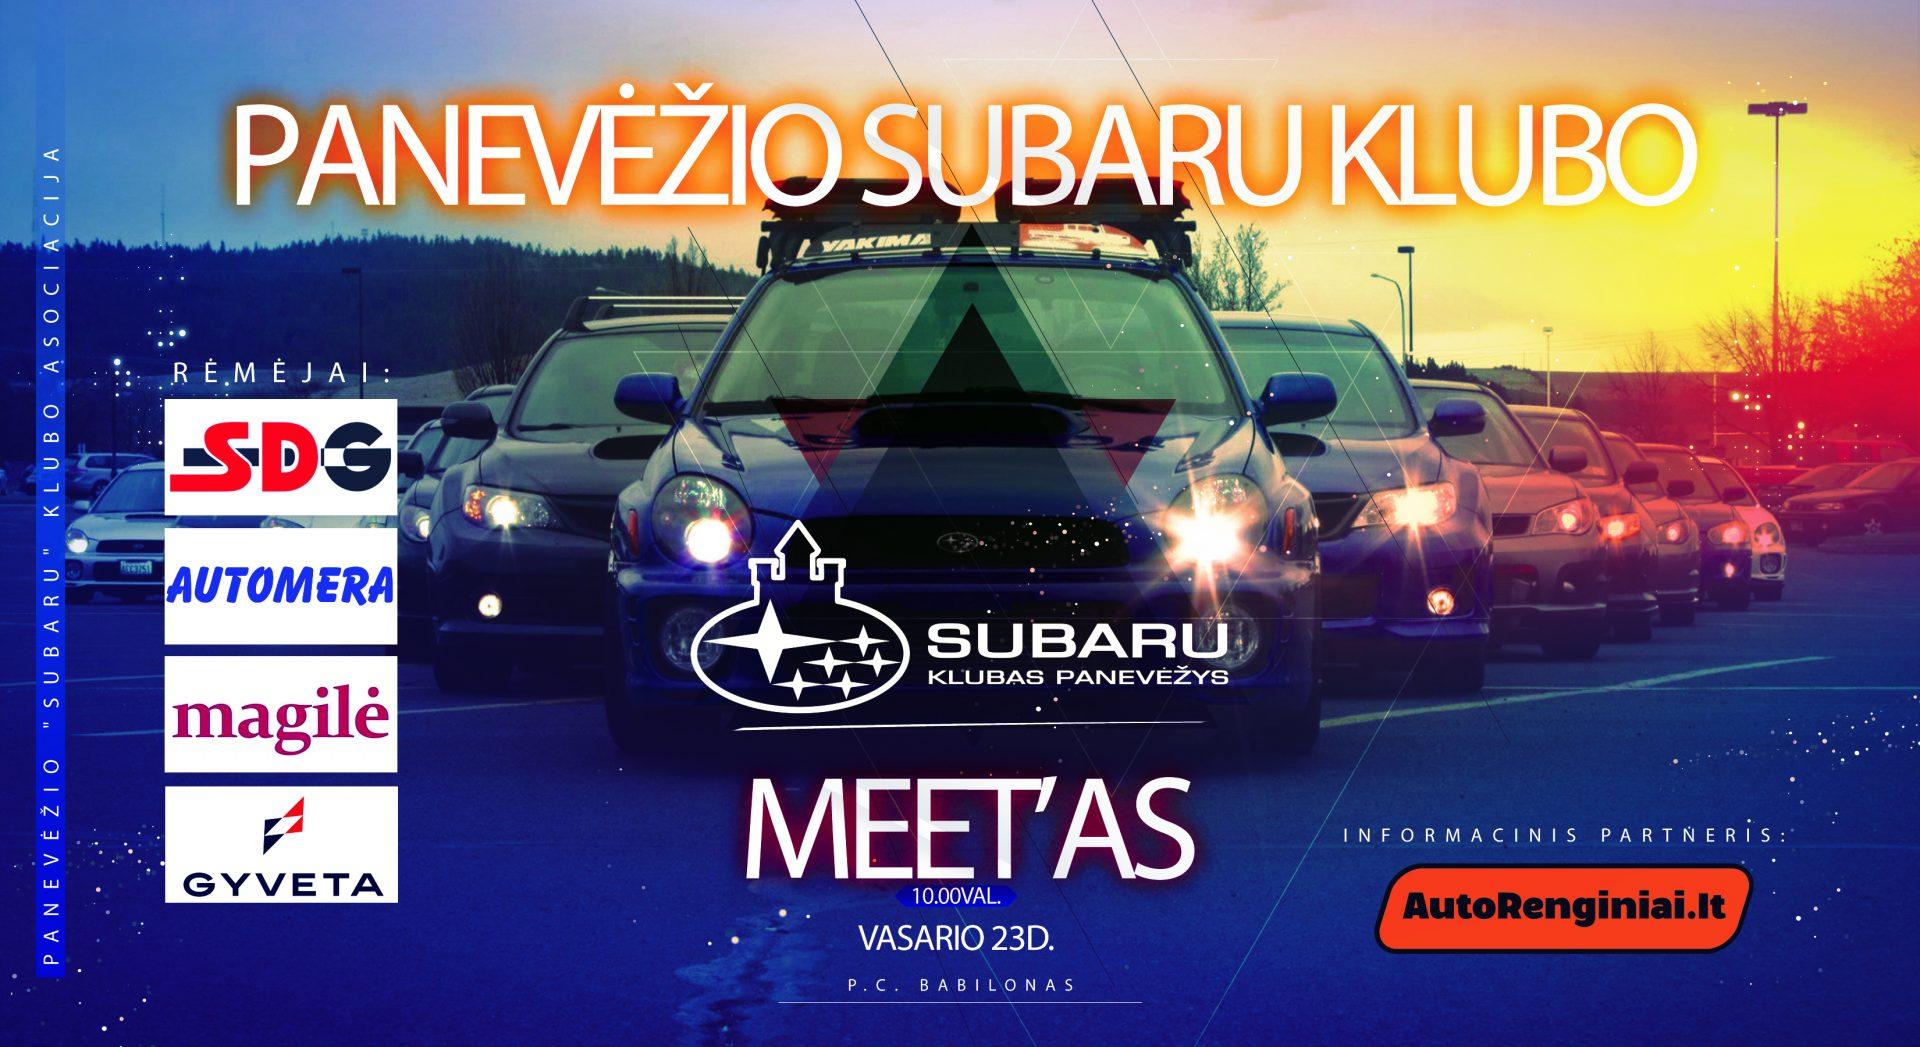 Panevėžio Subaru Klubo Meet'as